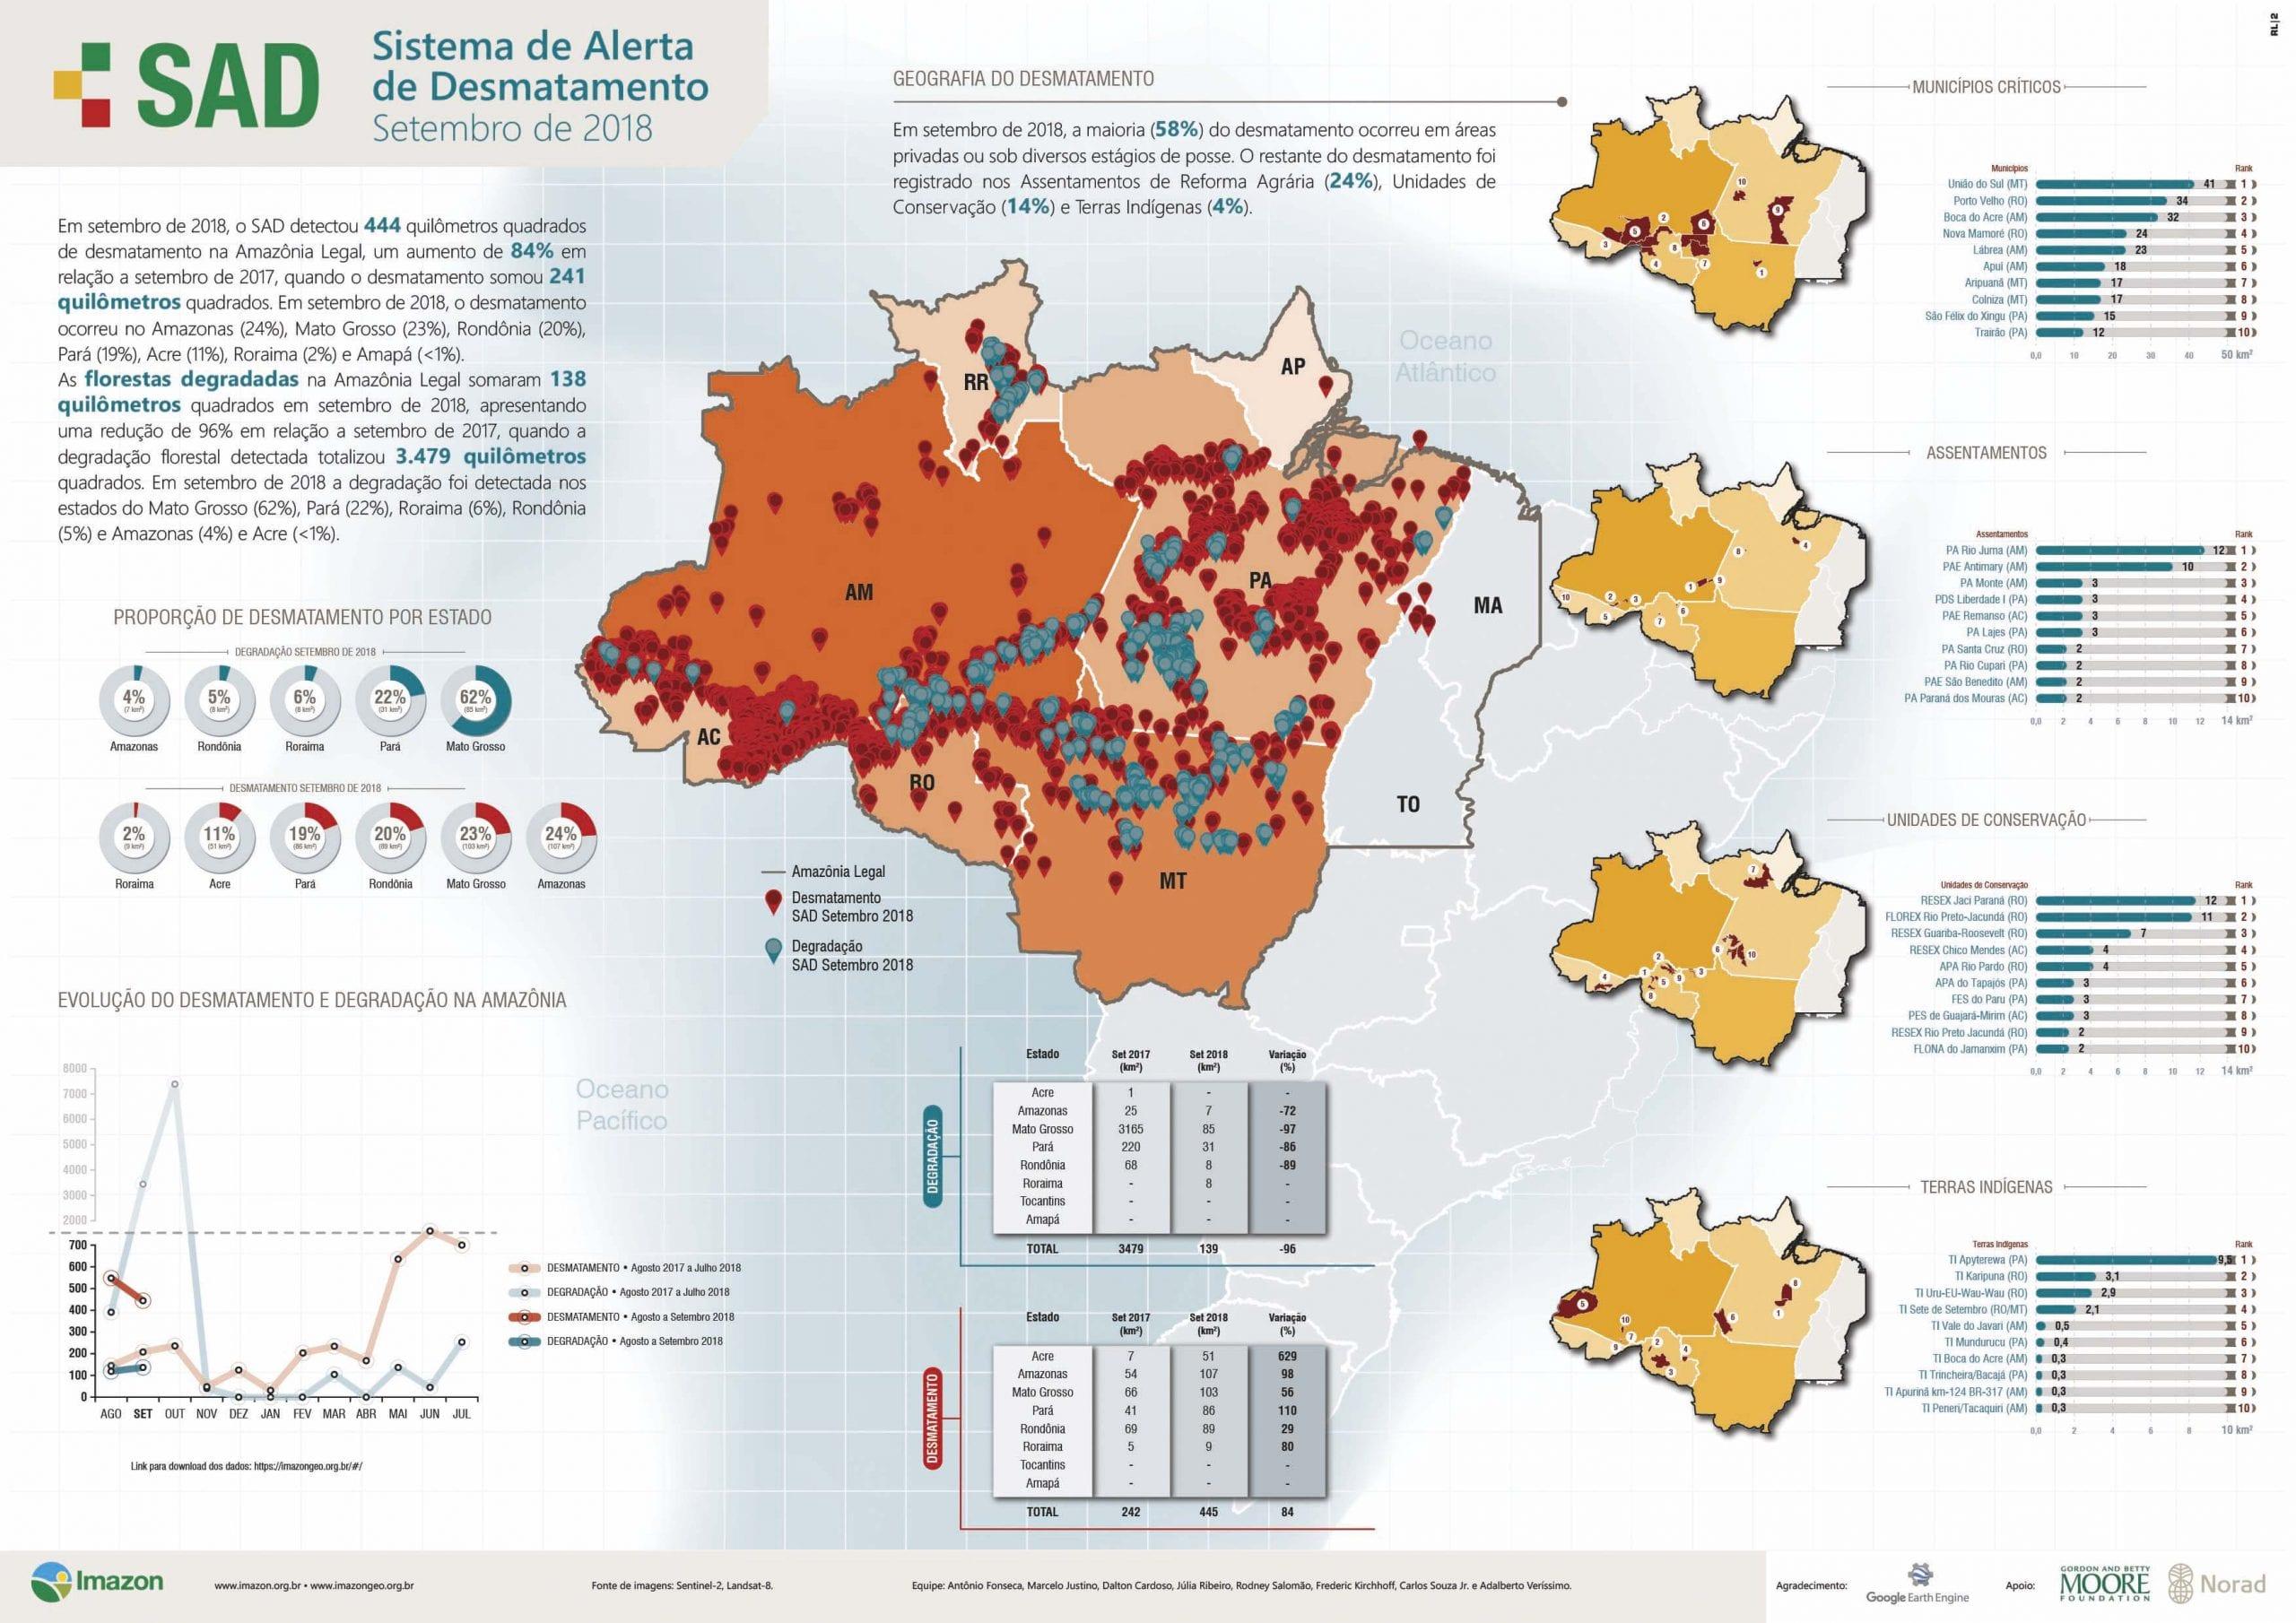 SAD setembro 2018 - Boletim do desmatamento da Amazônia Legal (setembro 2018) SAD